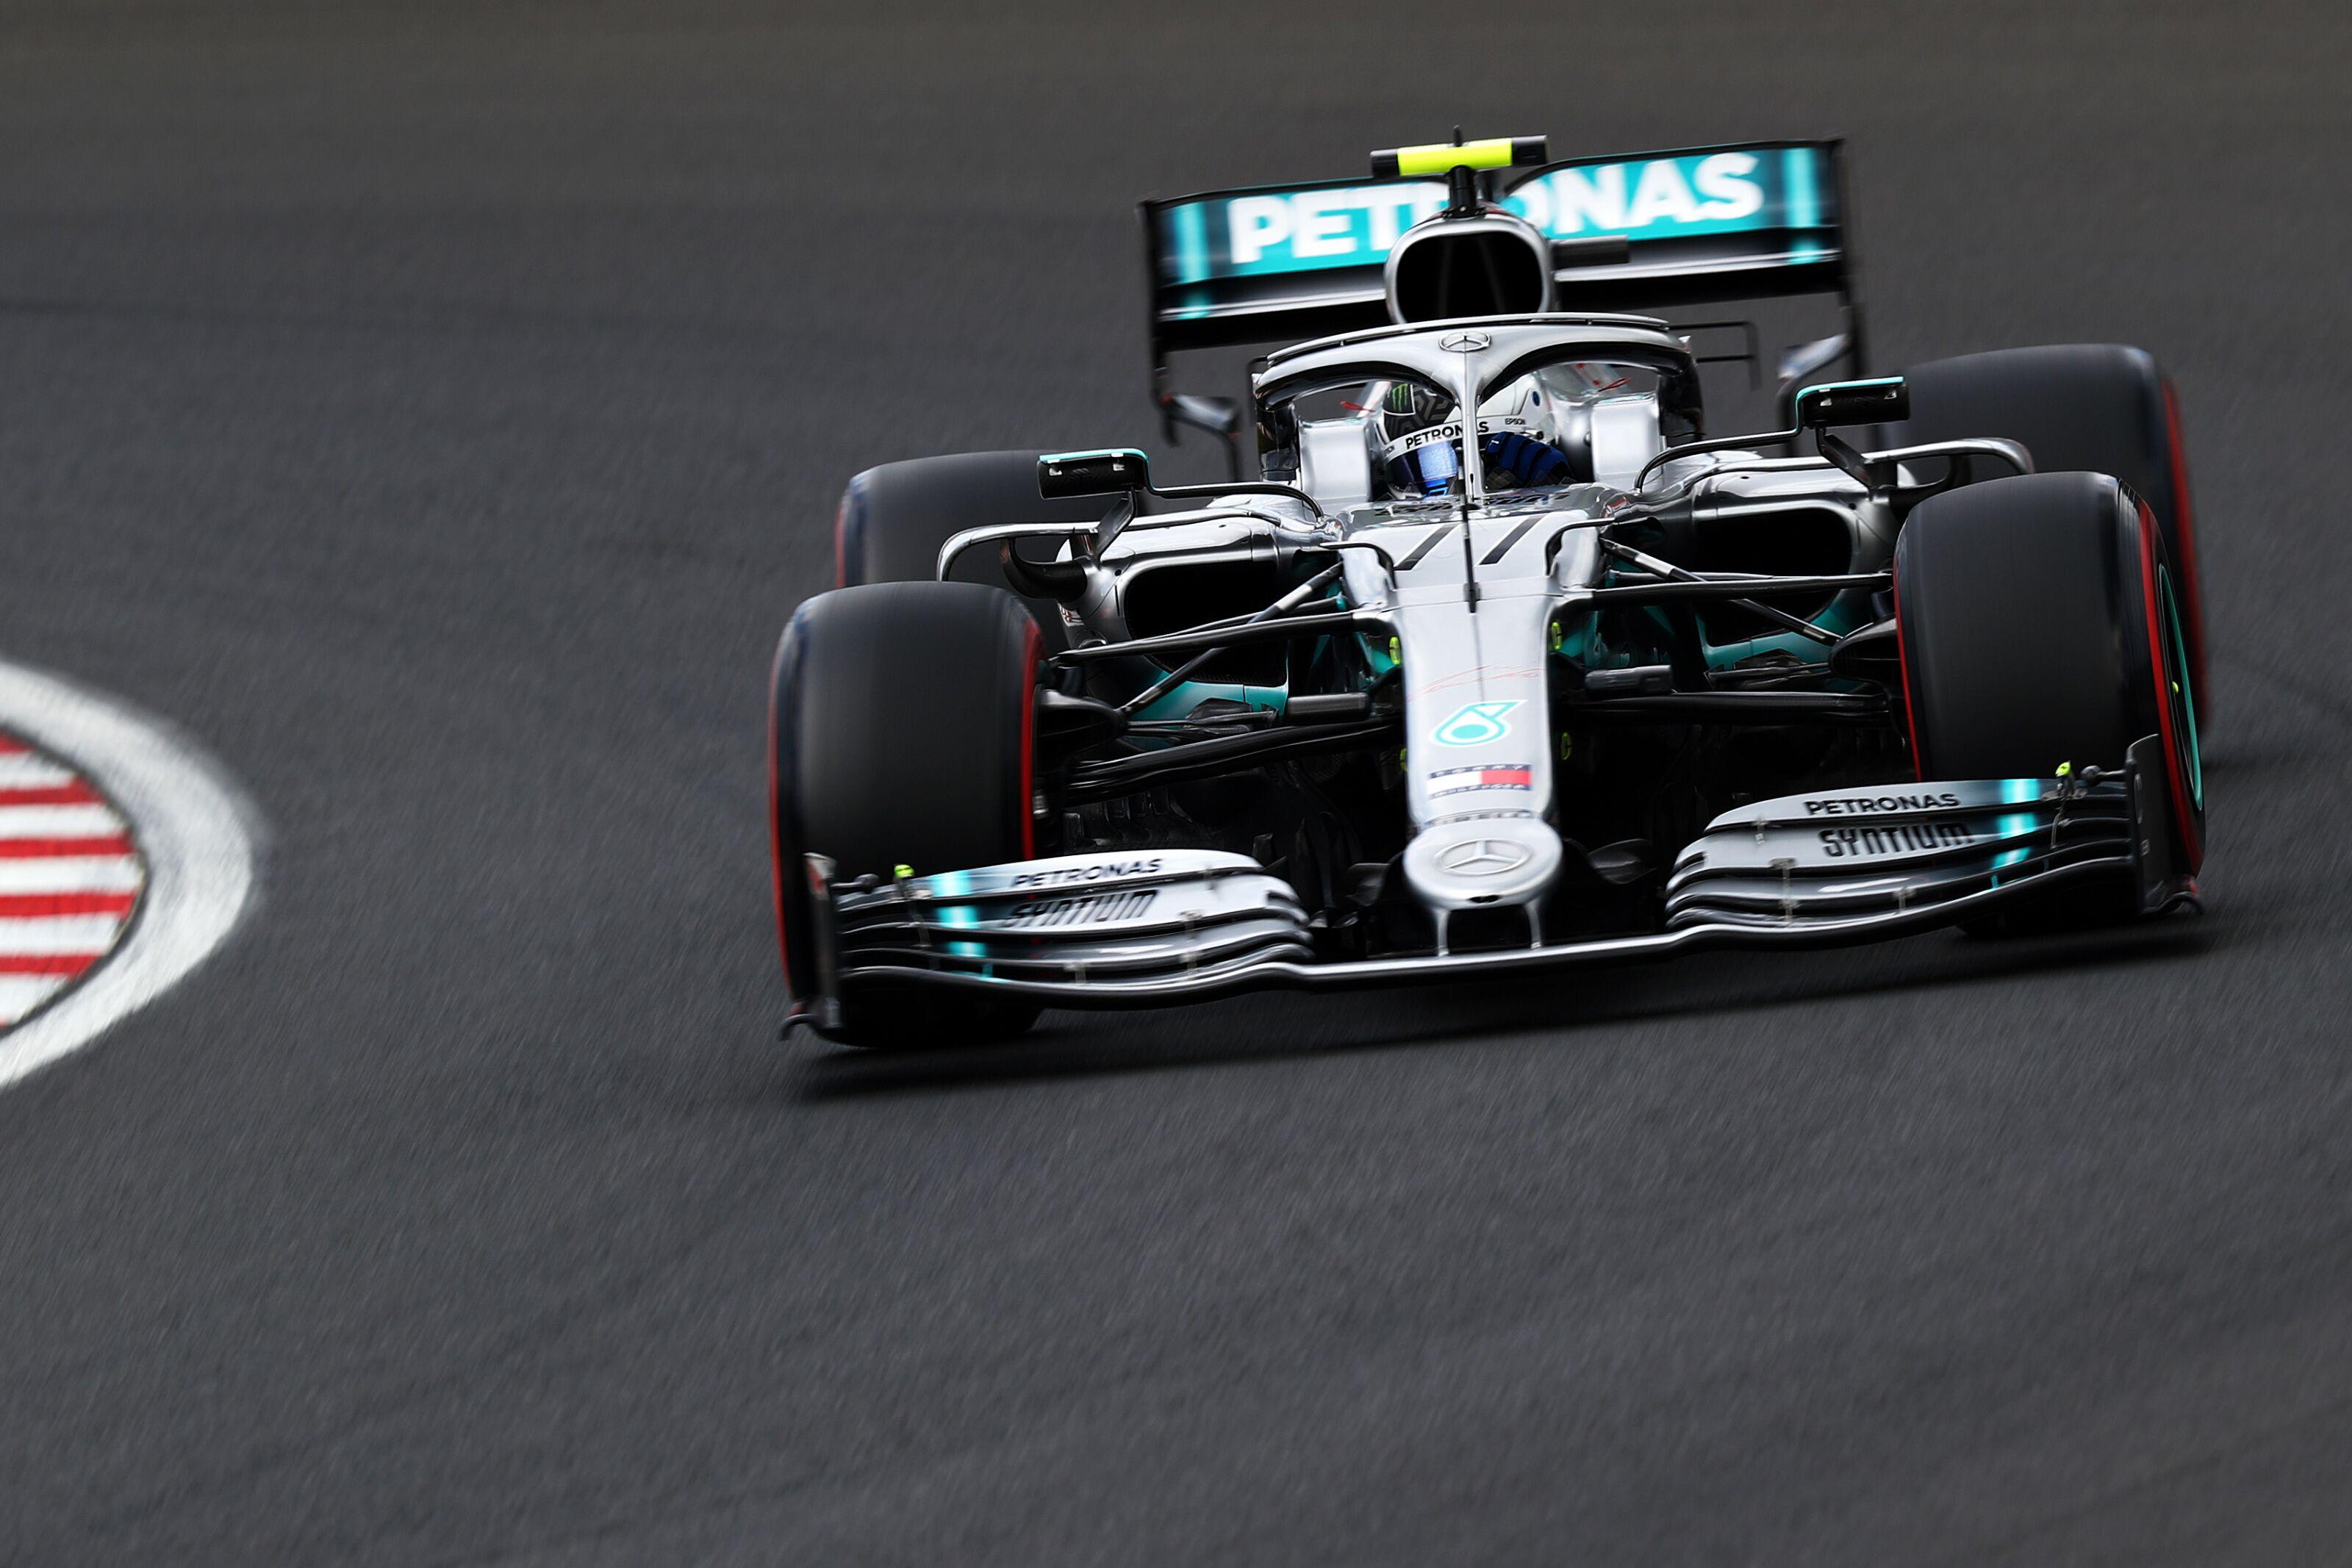 Formula 1: Should Mercedes re-sign Valtteri Bottas or promote Esteban Ocon?